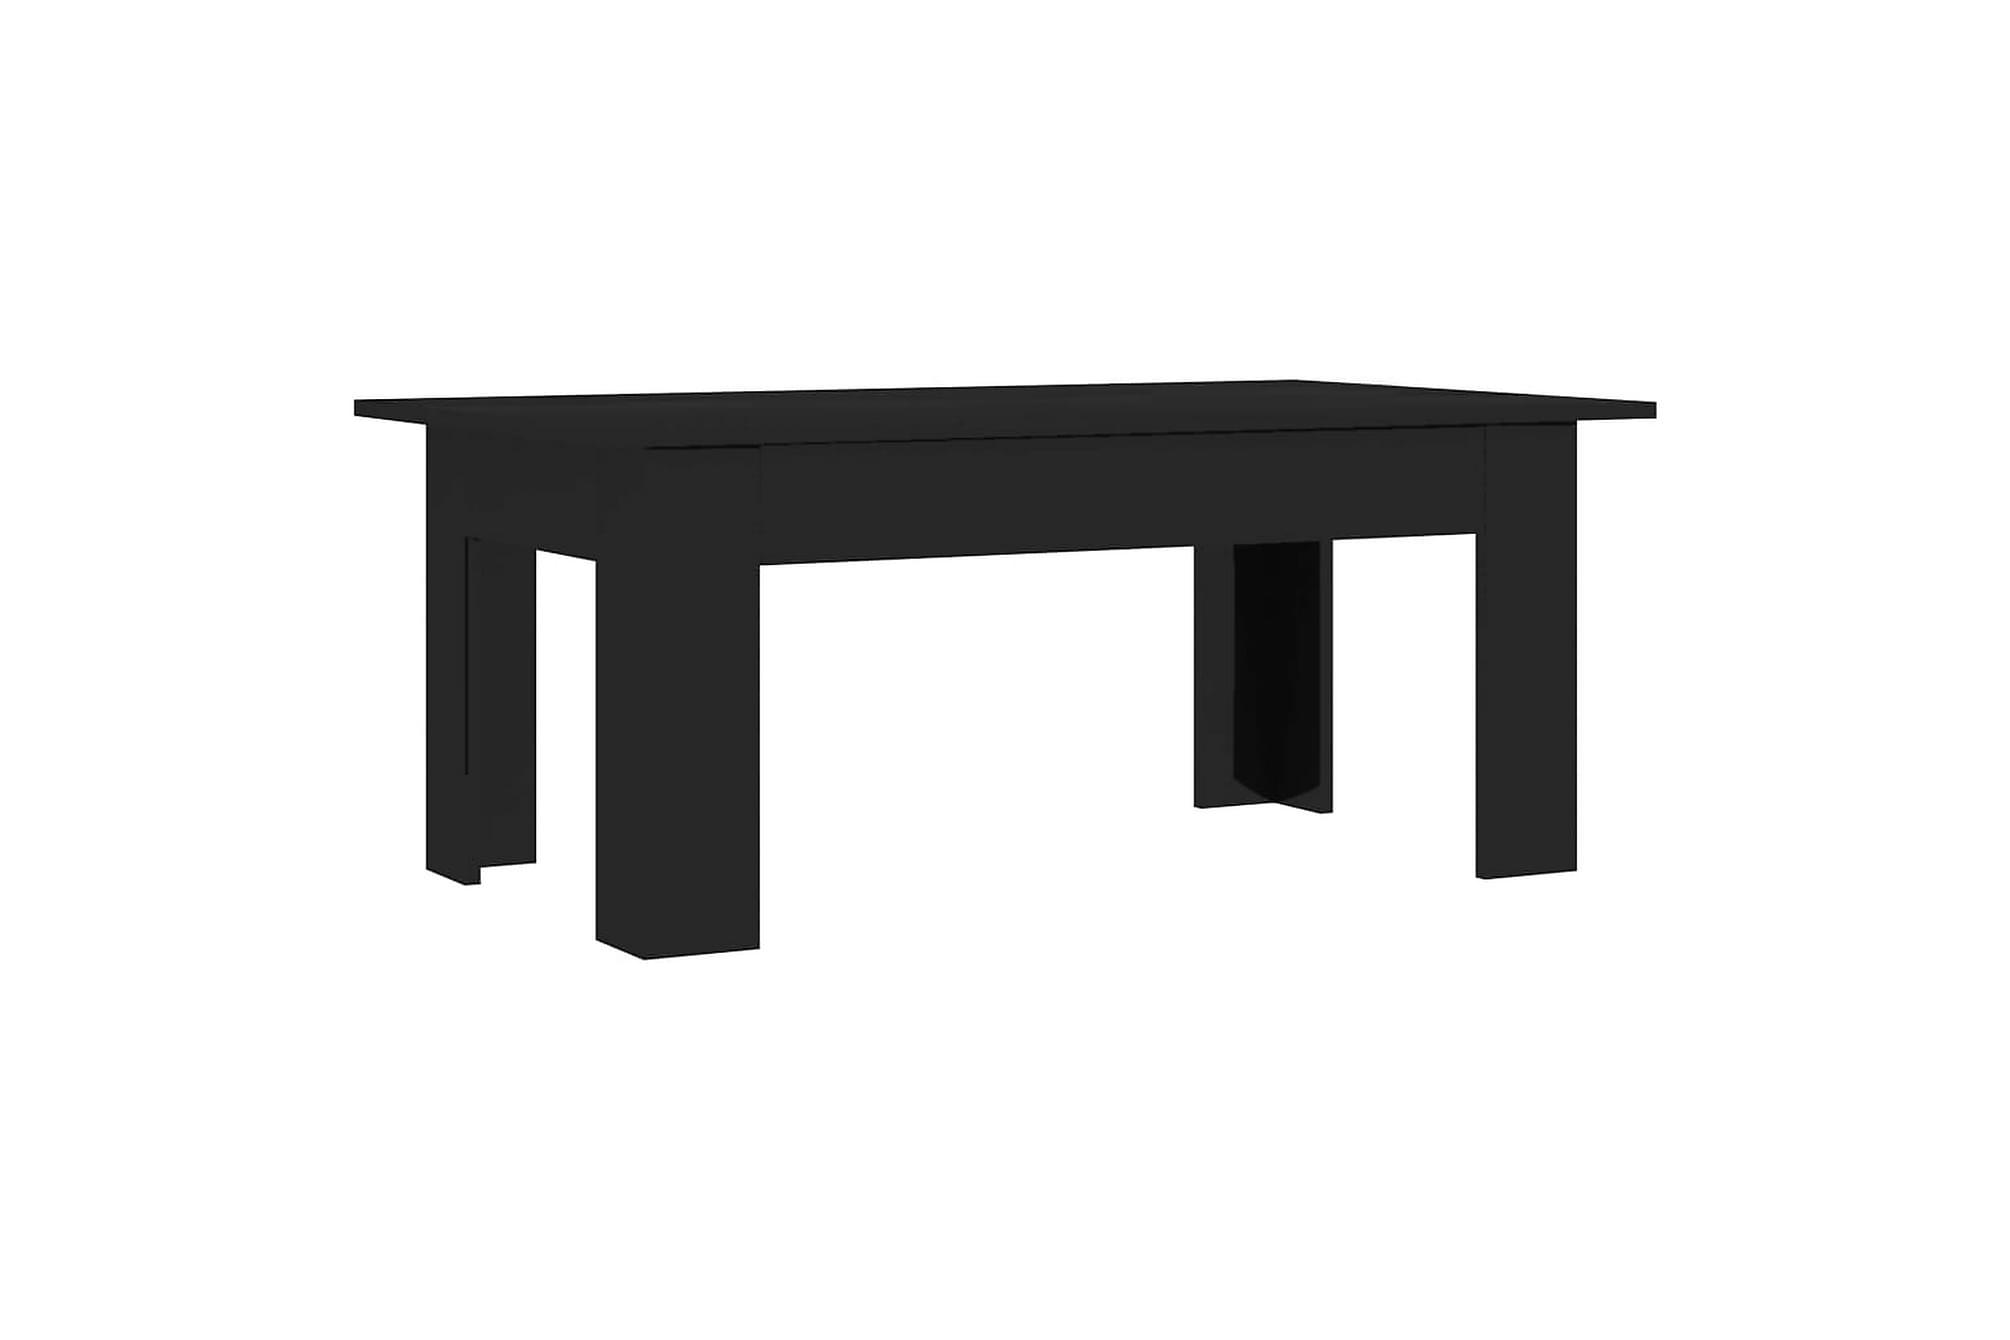 Soffbord svart högglans 100x60x42 cm spånskiva